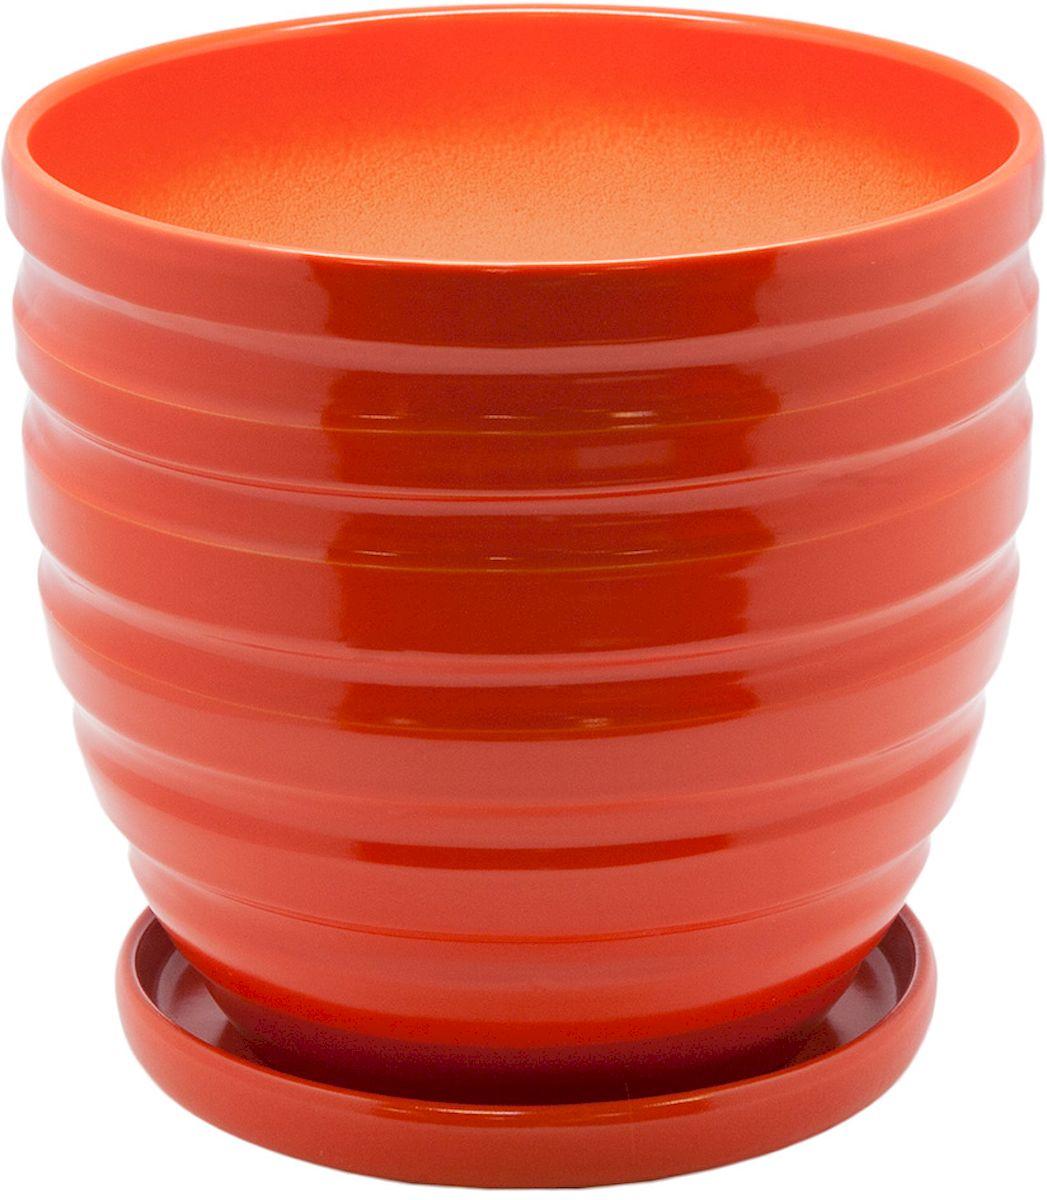 Горшок цветочный Engard, с поддоном, цвет: оранжевый, 4,7 лBH-22-3Керамический горшок Engard - это идеальное решение для выращивания комнатных растений и создания изысканности в интерьере. Керамический горшок сделан из высококачественной глины в классической форме и оригинальном дизайне.Объем: 4,7 л.